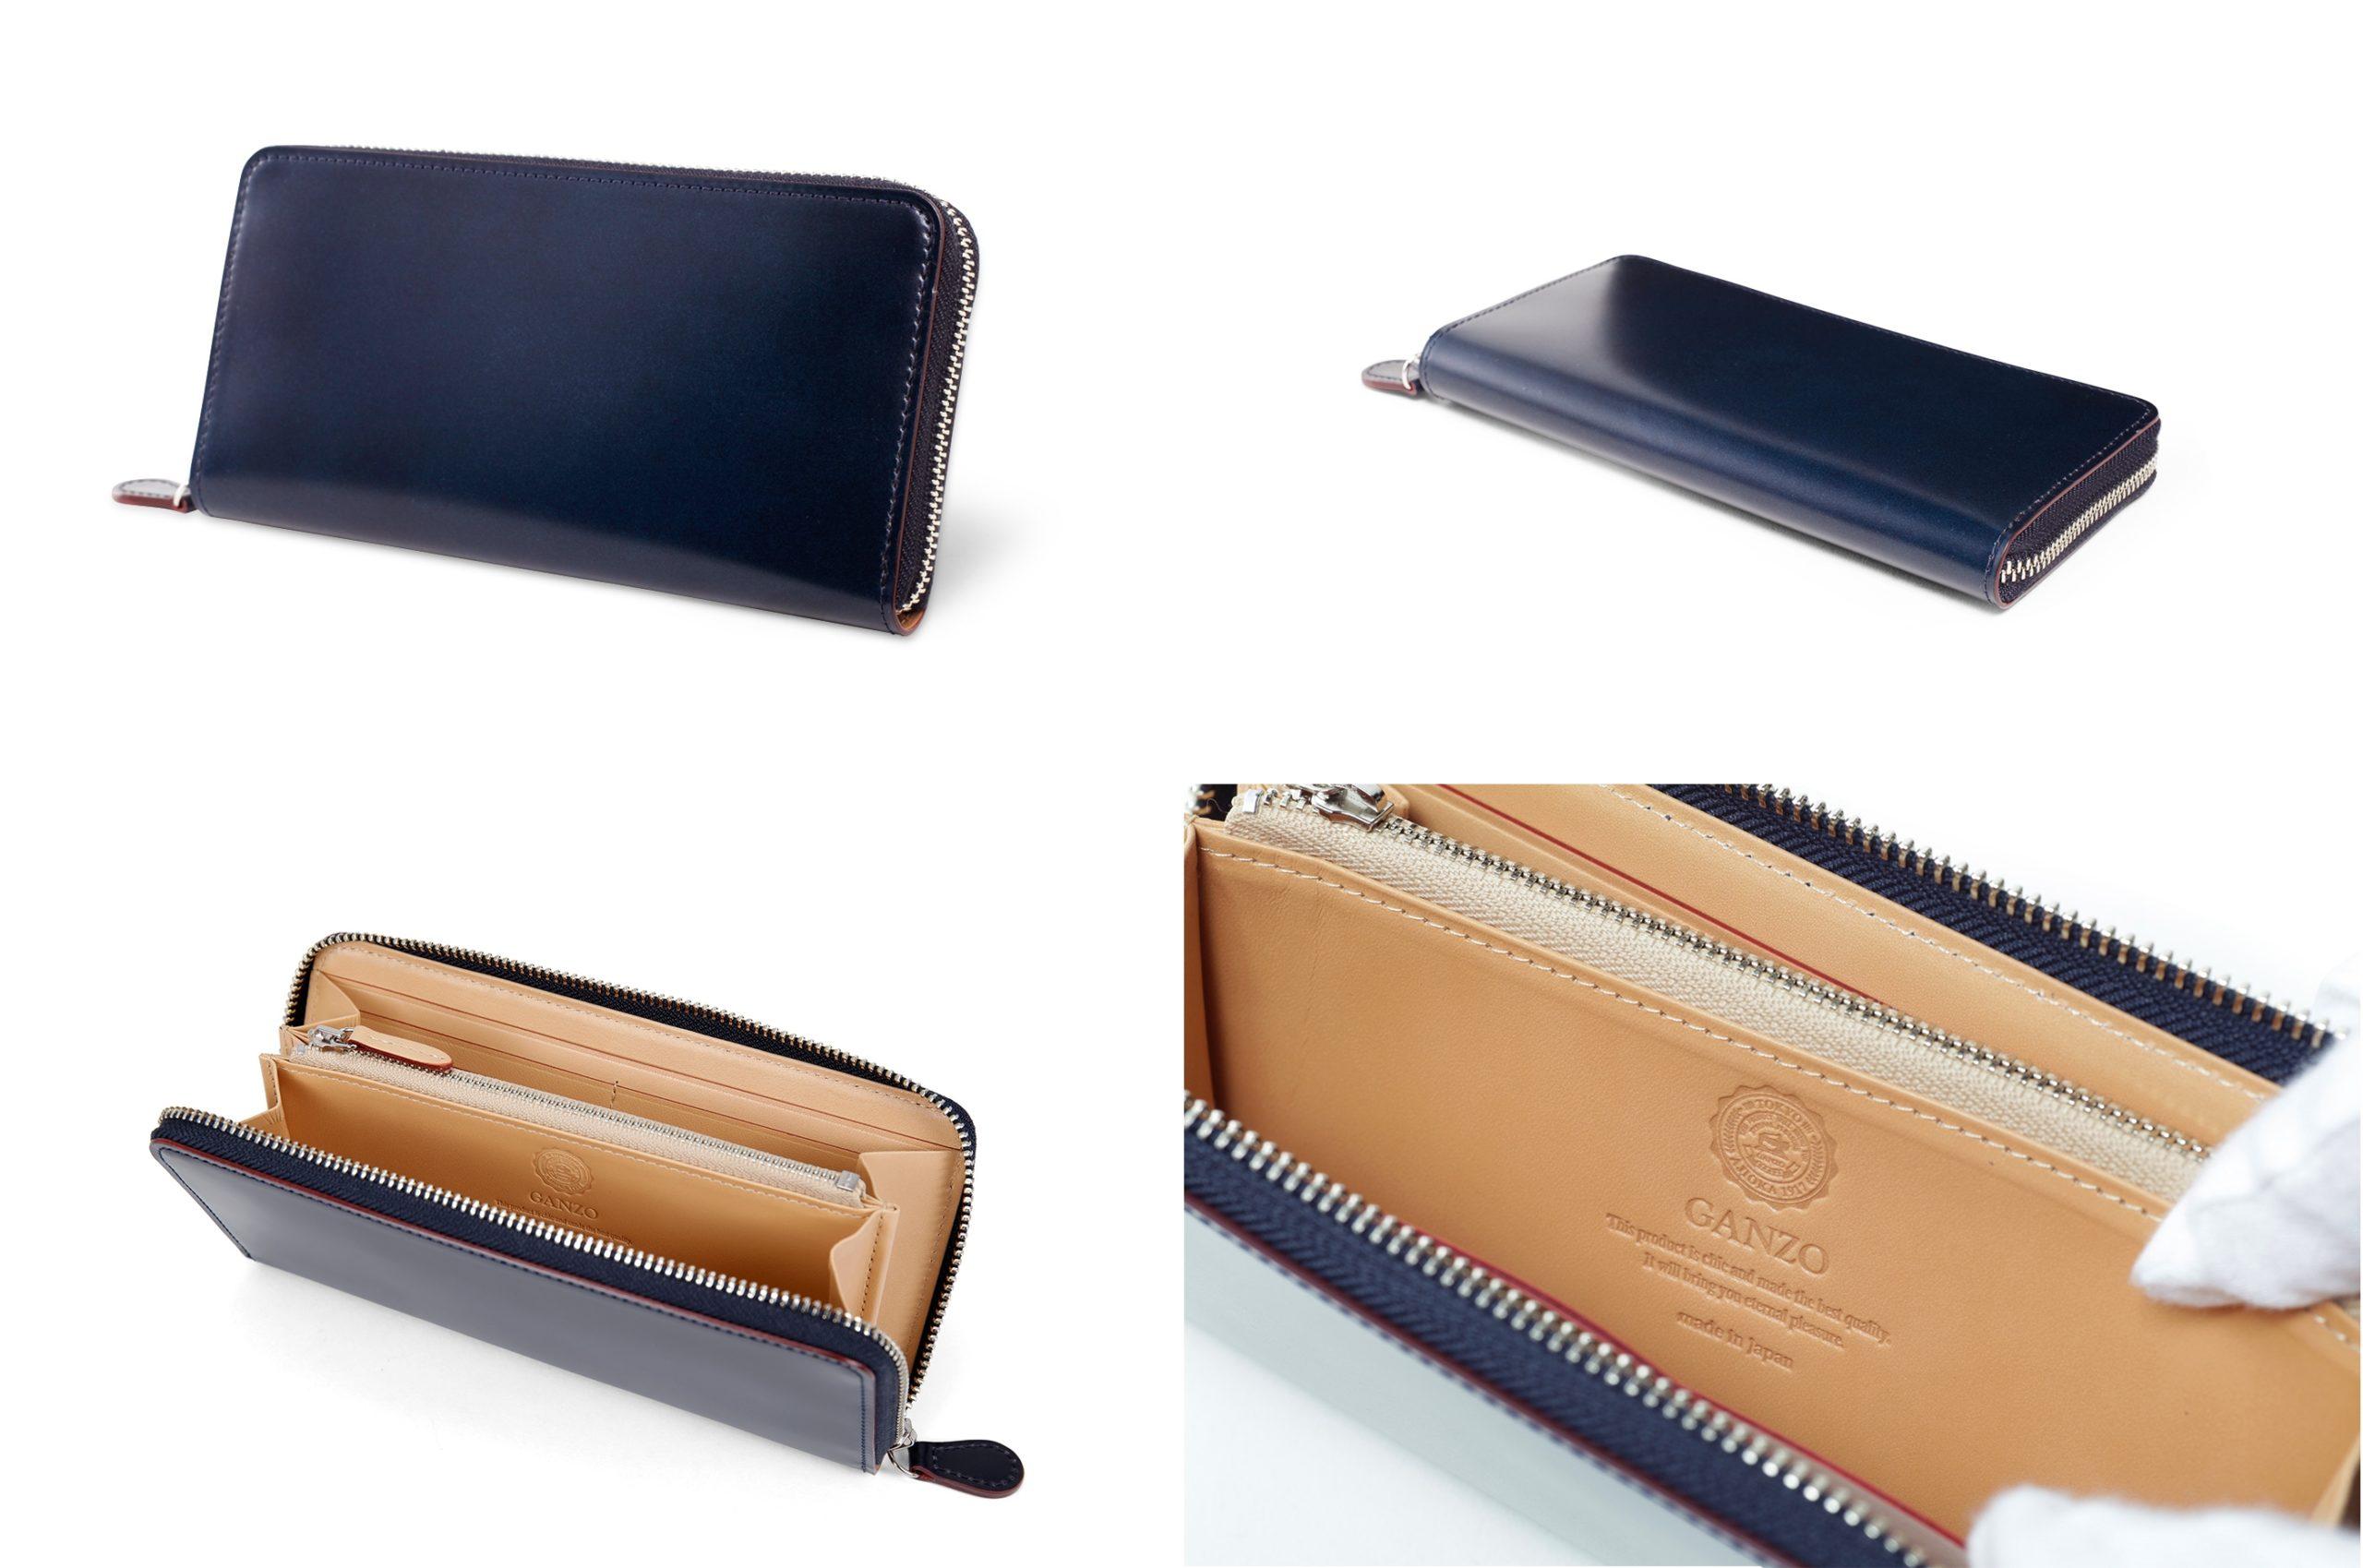 GANZO ガンゾ CORDOVAN (コードバン) ラウンドファスナー長財布 デザイン